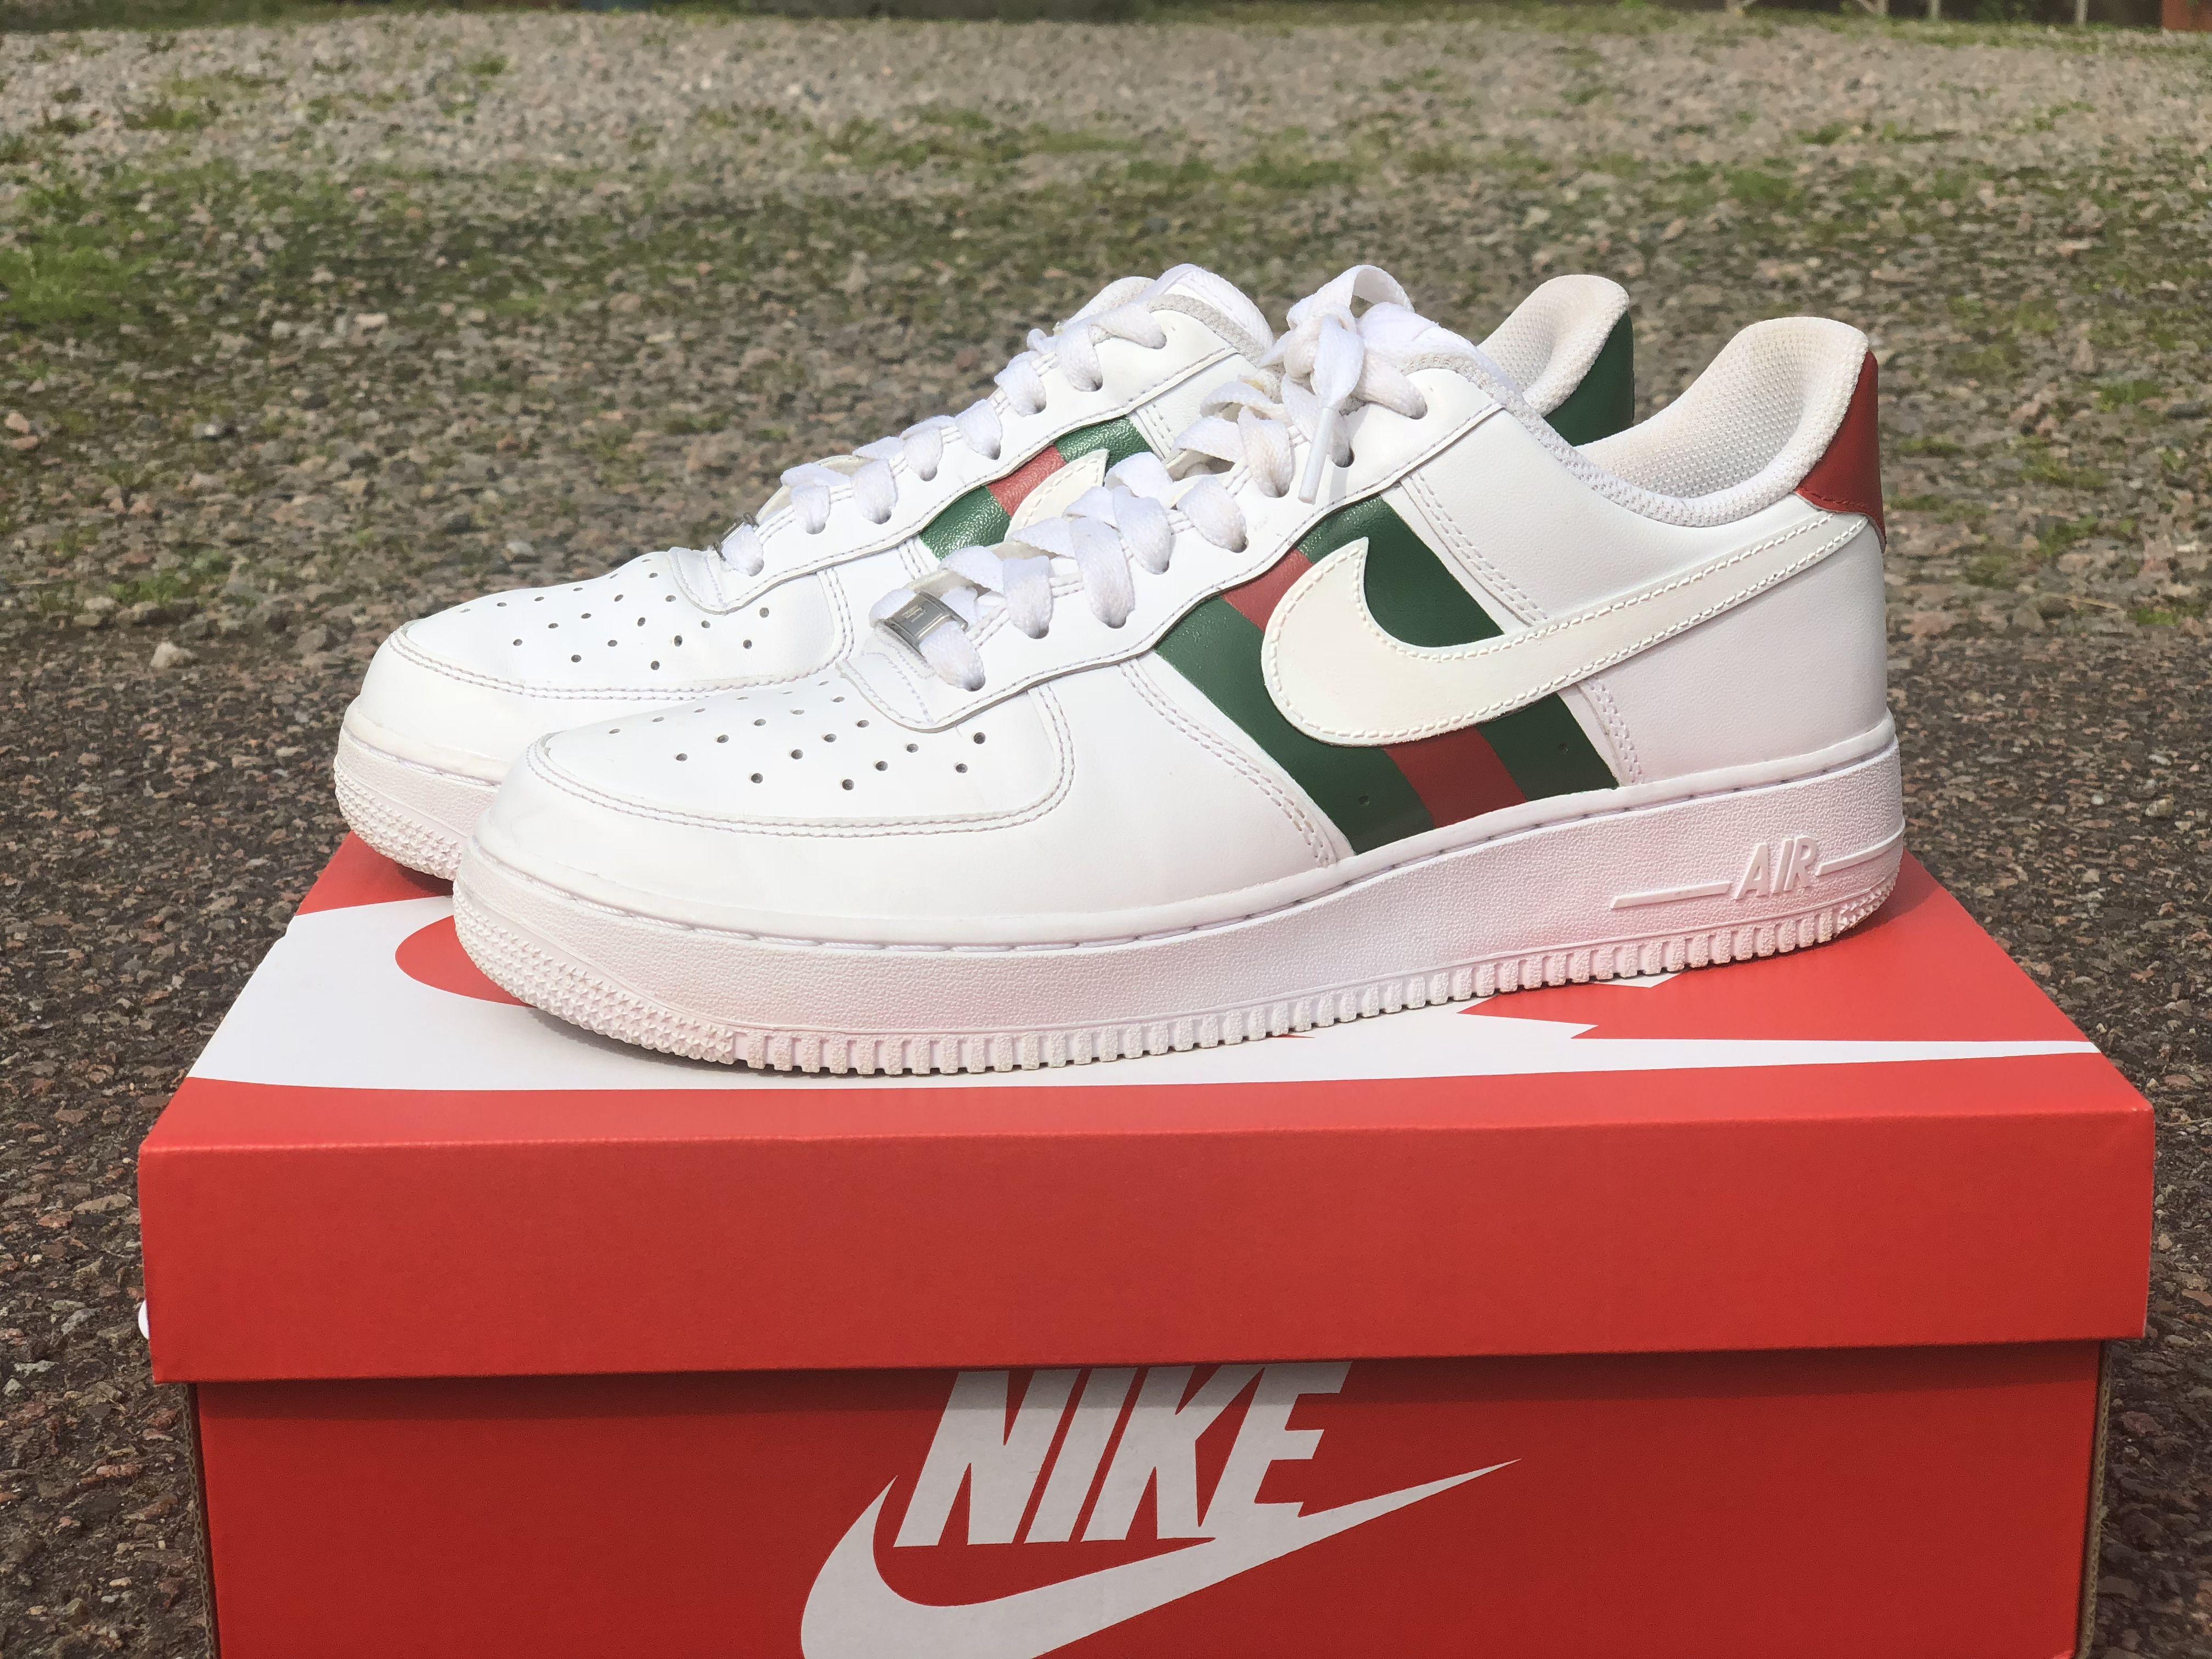 Nike Air Force 1 x Gucci Gucci nike